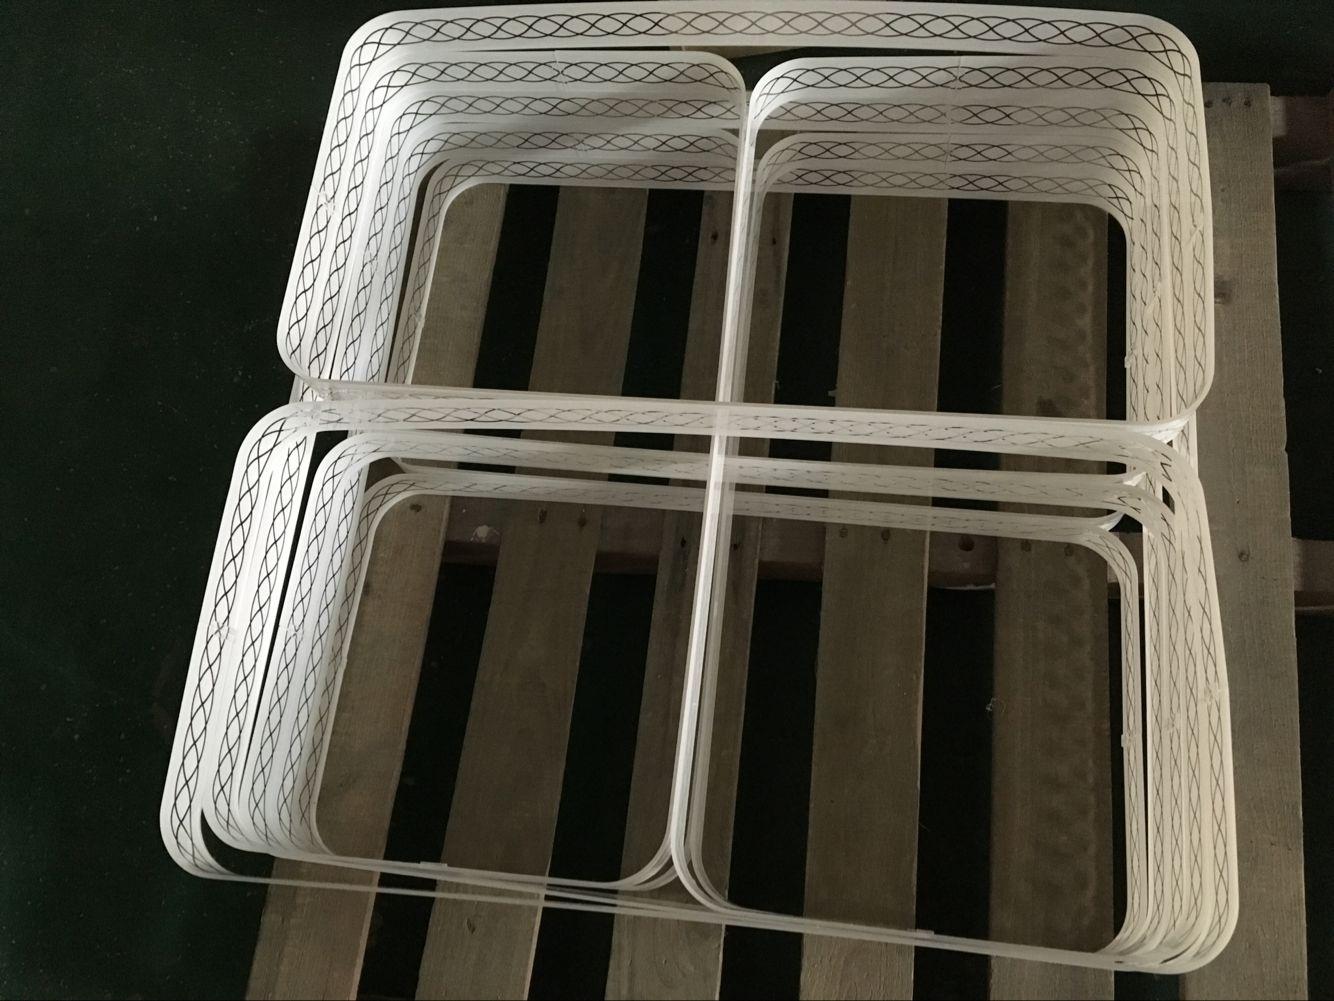 亚克力吸顶灯灯罩生产厂家-- 中山市翔鸿亚克力工艺制品有限公司